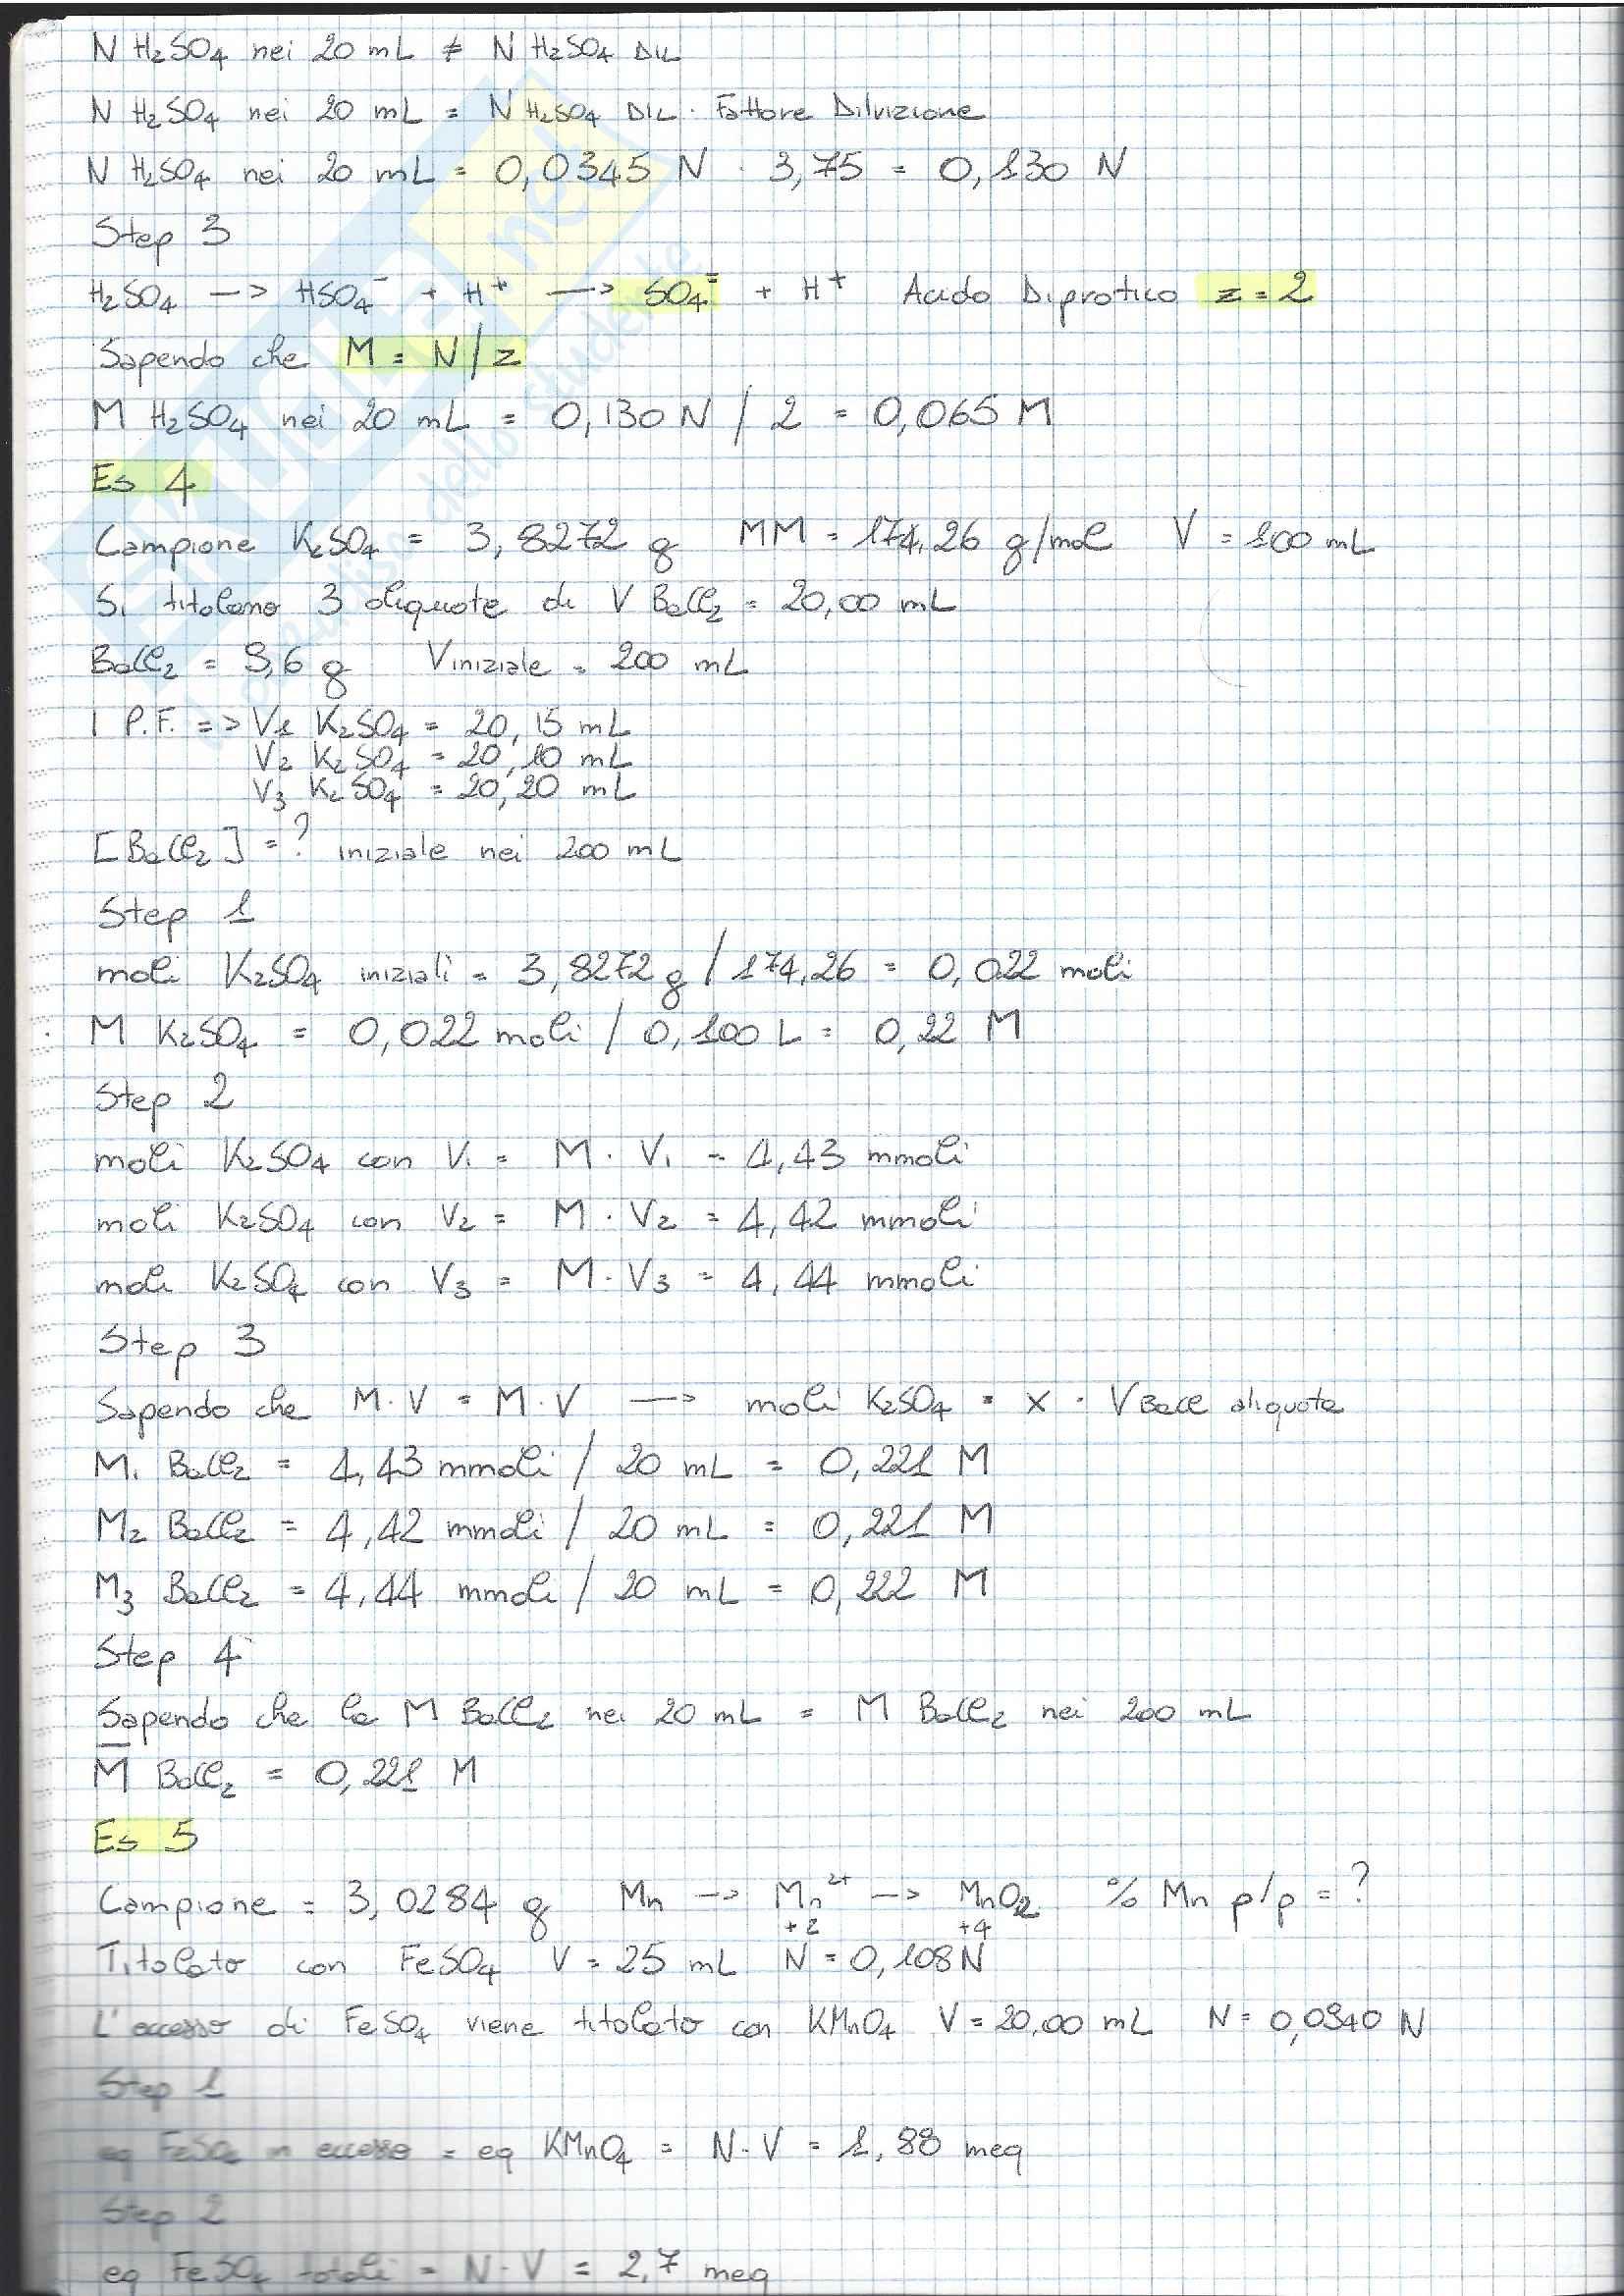 01 e 08 - Analisi Chimico Tossicologica 1 - Esercizi Pag. 16